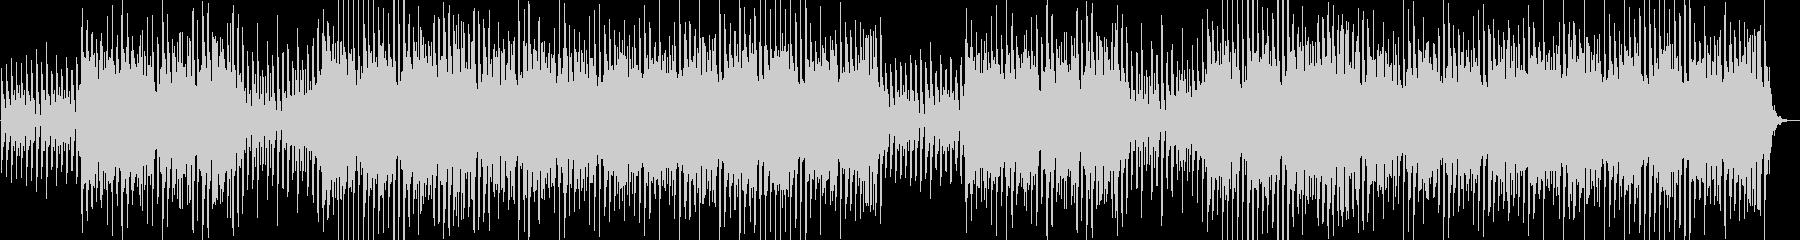 期待感のあるコンセプトムービーBGMの未再生の波形